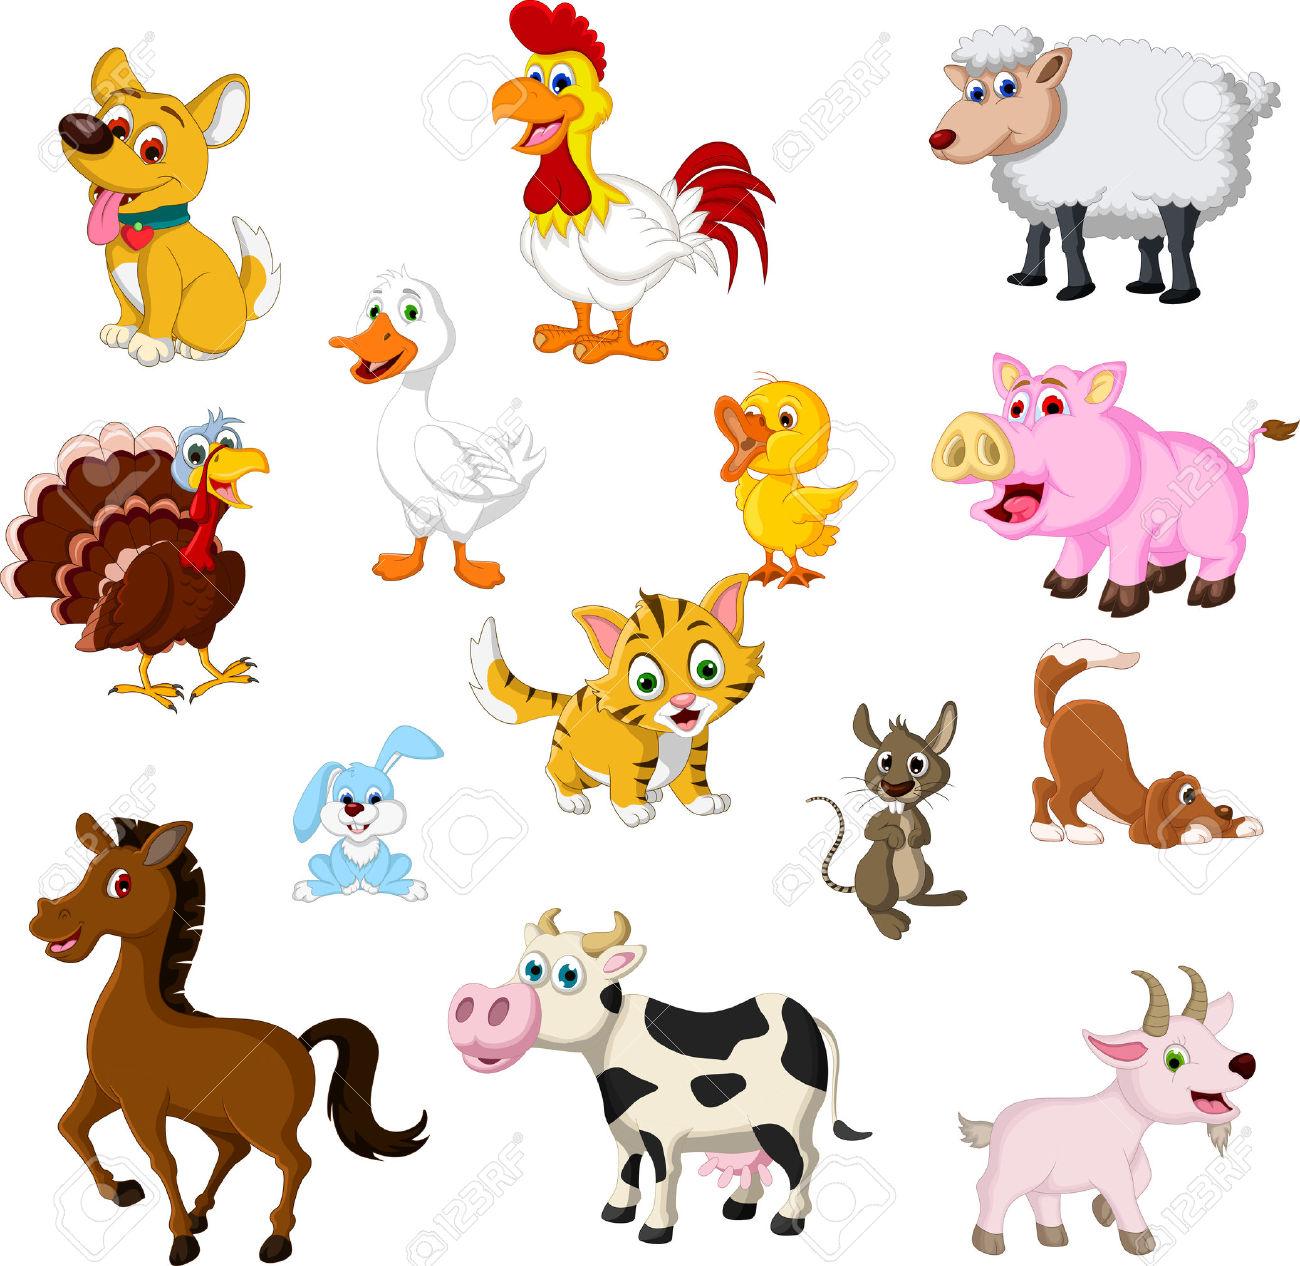 Azienda Agricola Di Raccolta Cartone Animato Animale Clipart.